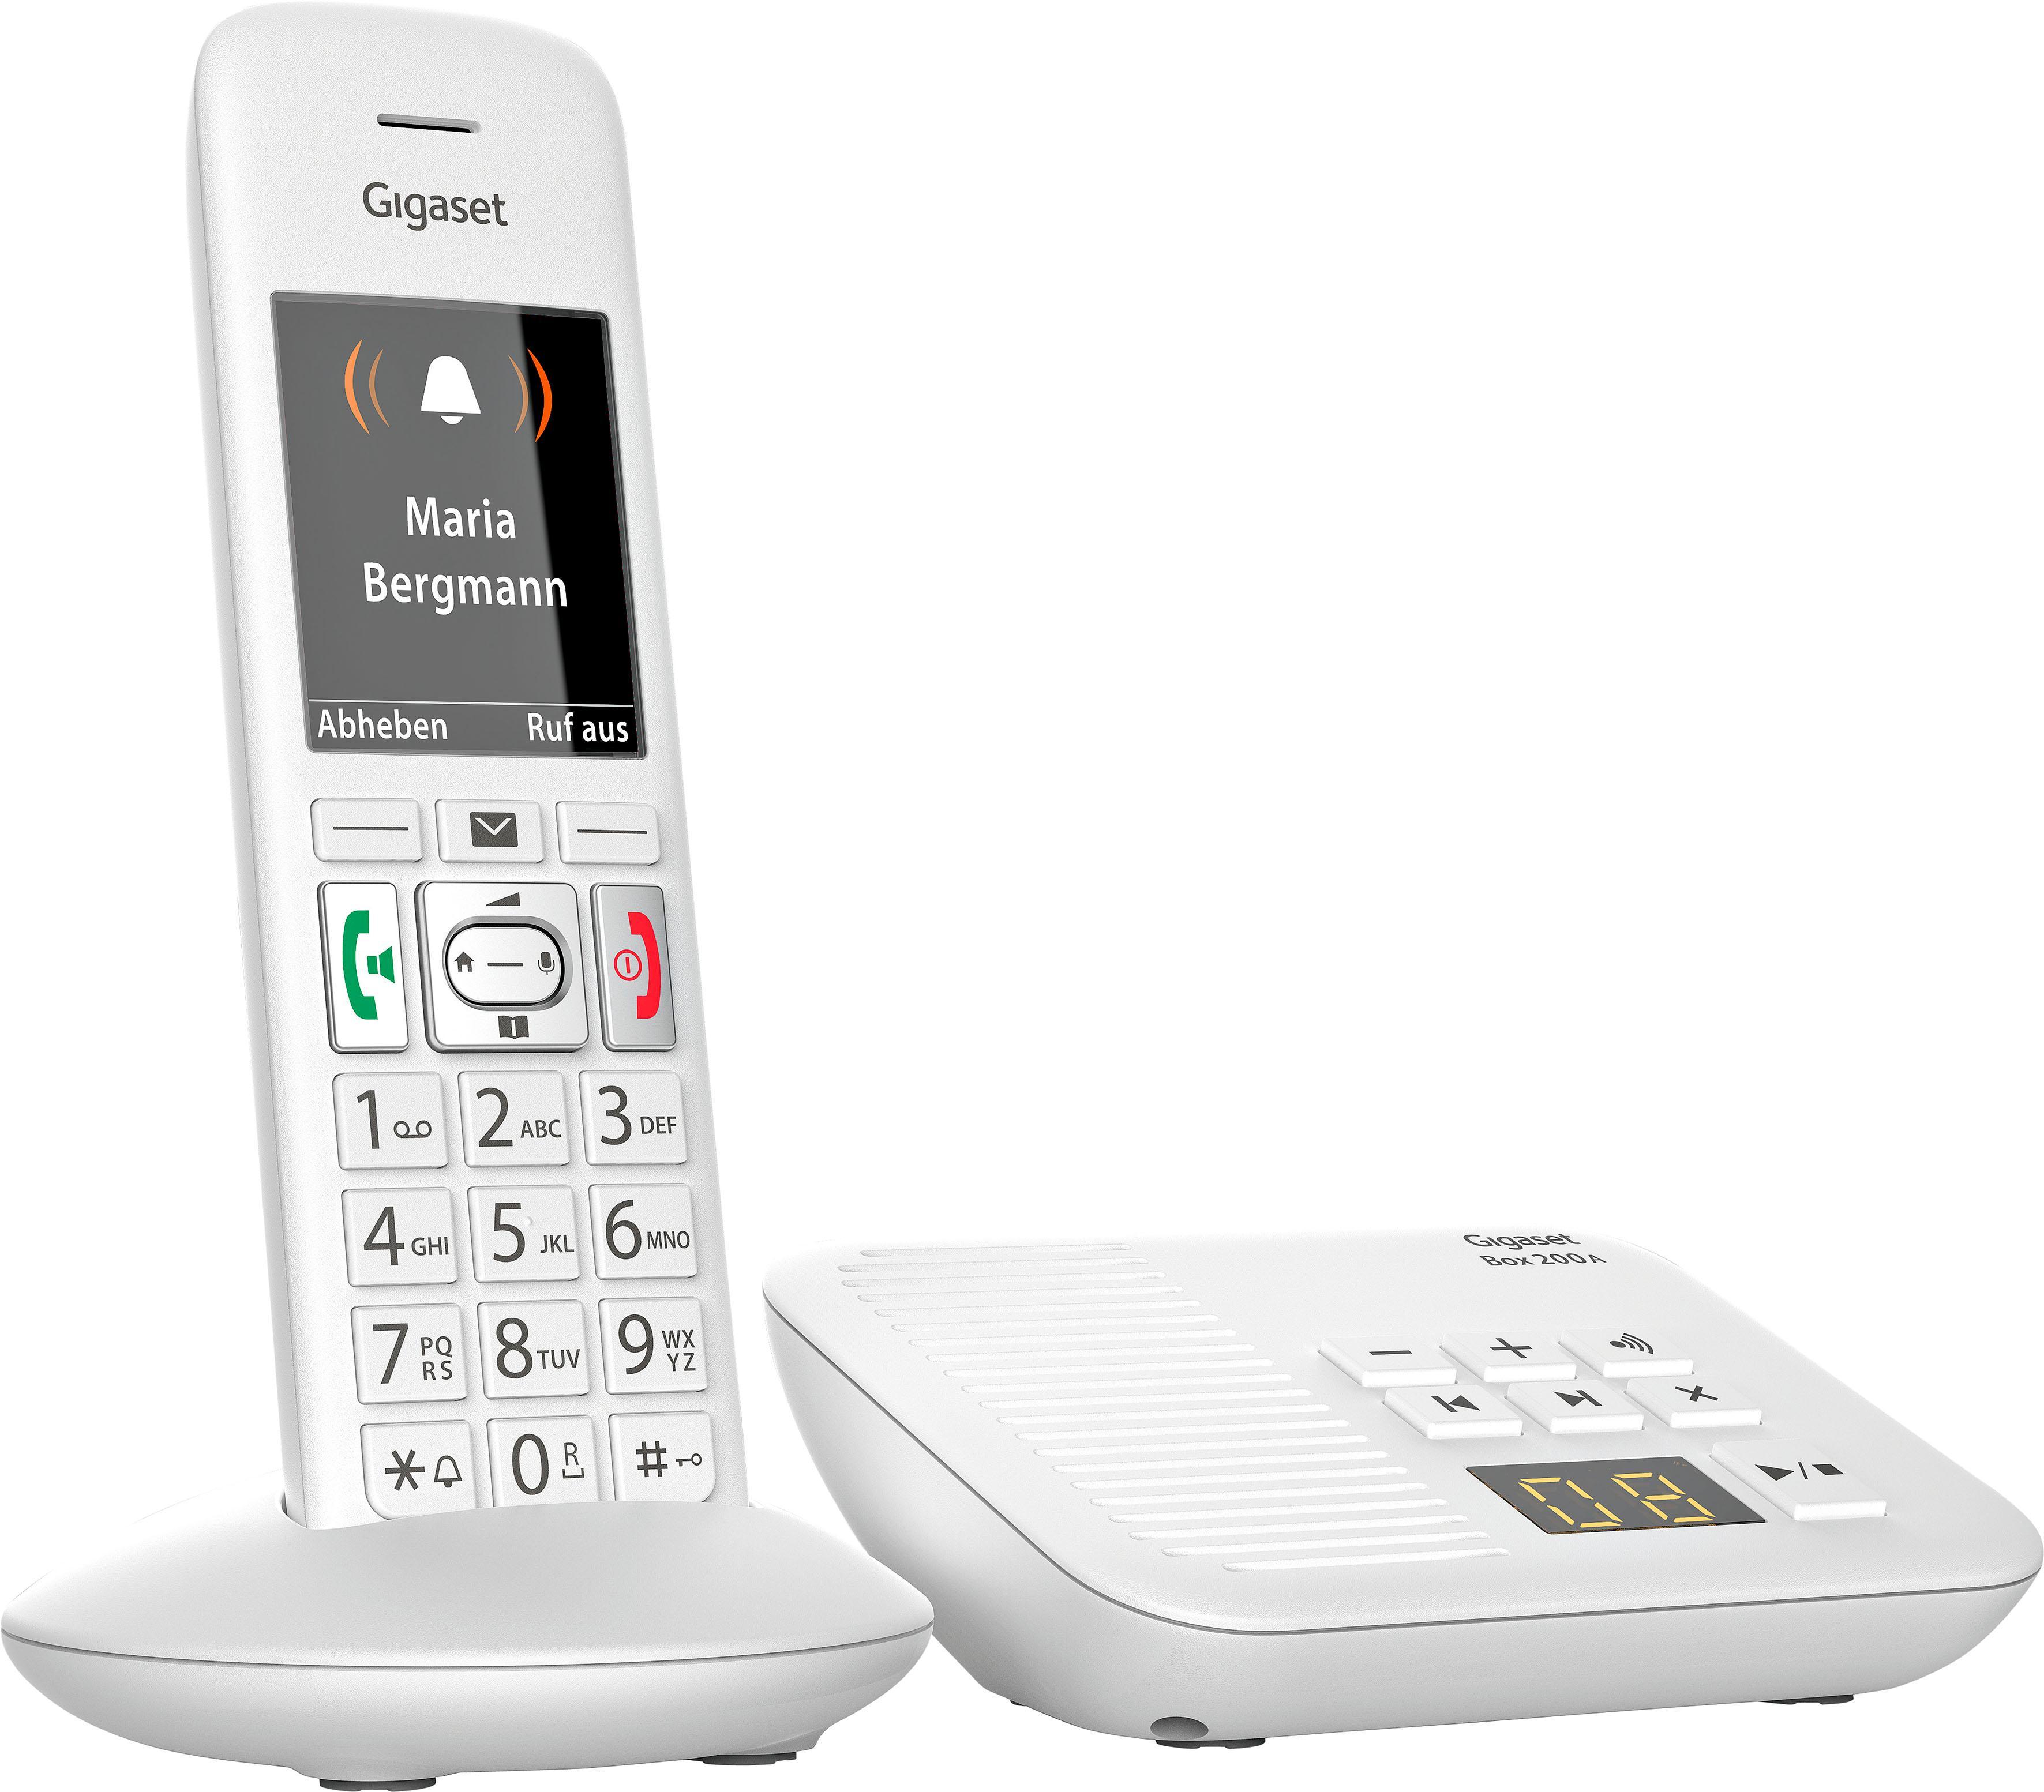 gigaset e370a schnurloses dect telefon mobilteile 1. Black Bedroom Furniture Sets. Home Design Ideas